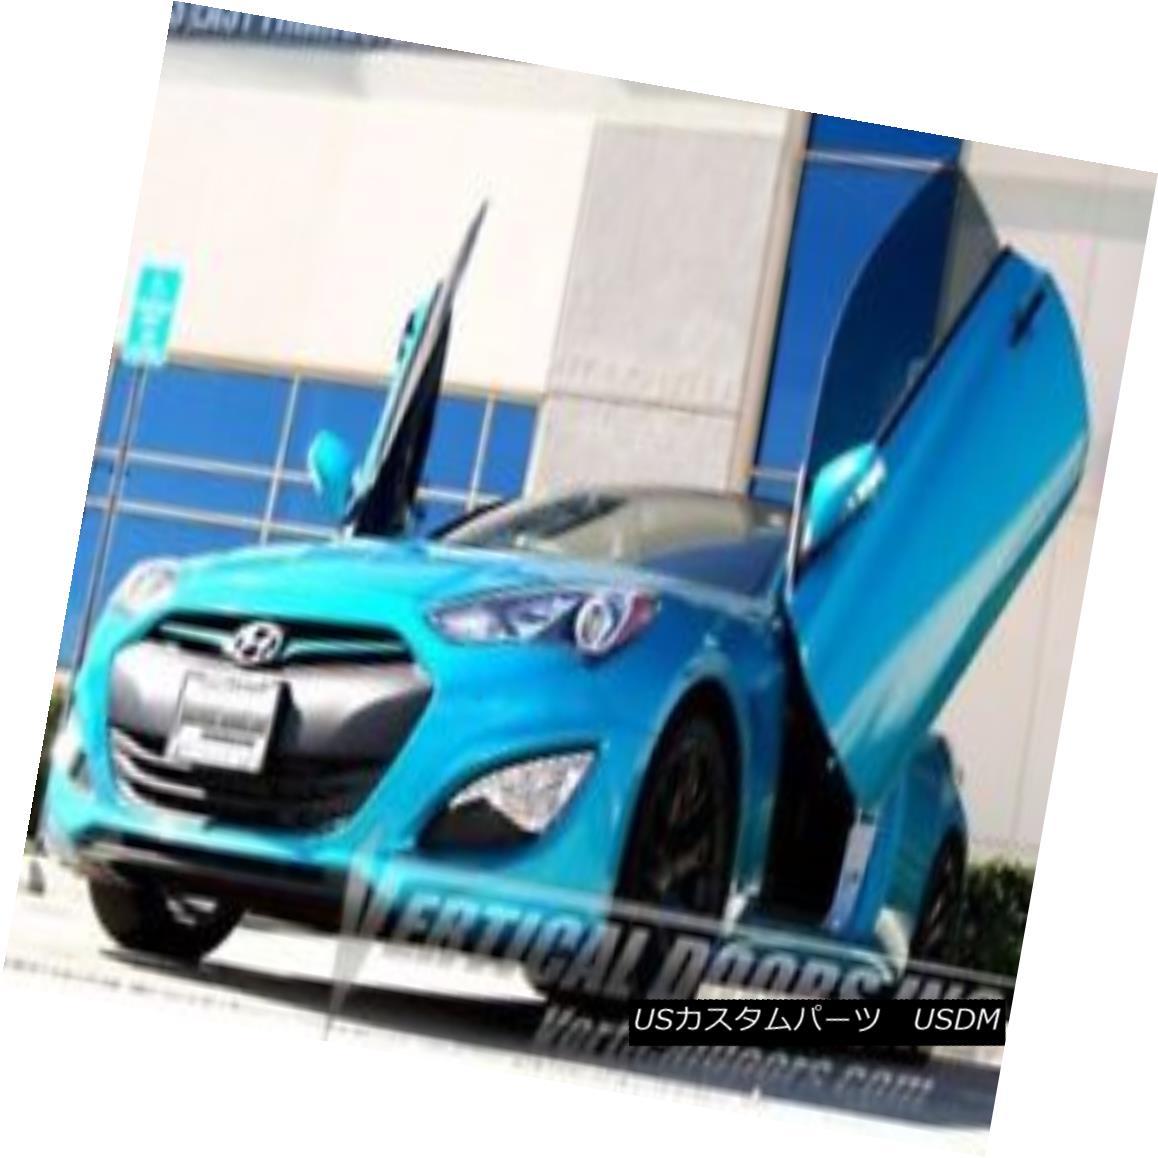 ガルウィングキット Fit Hyundai Genesis Coupe 10-15 Lambo Style Vertical Doors VDI Bolt On Hinge Kit フィット現代ジェネシスクーペ10-15ランボスタイルの垂直ドアVDIボルトヒンジキット